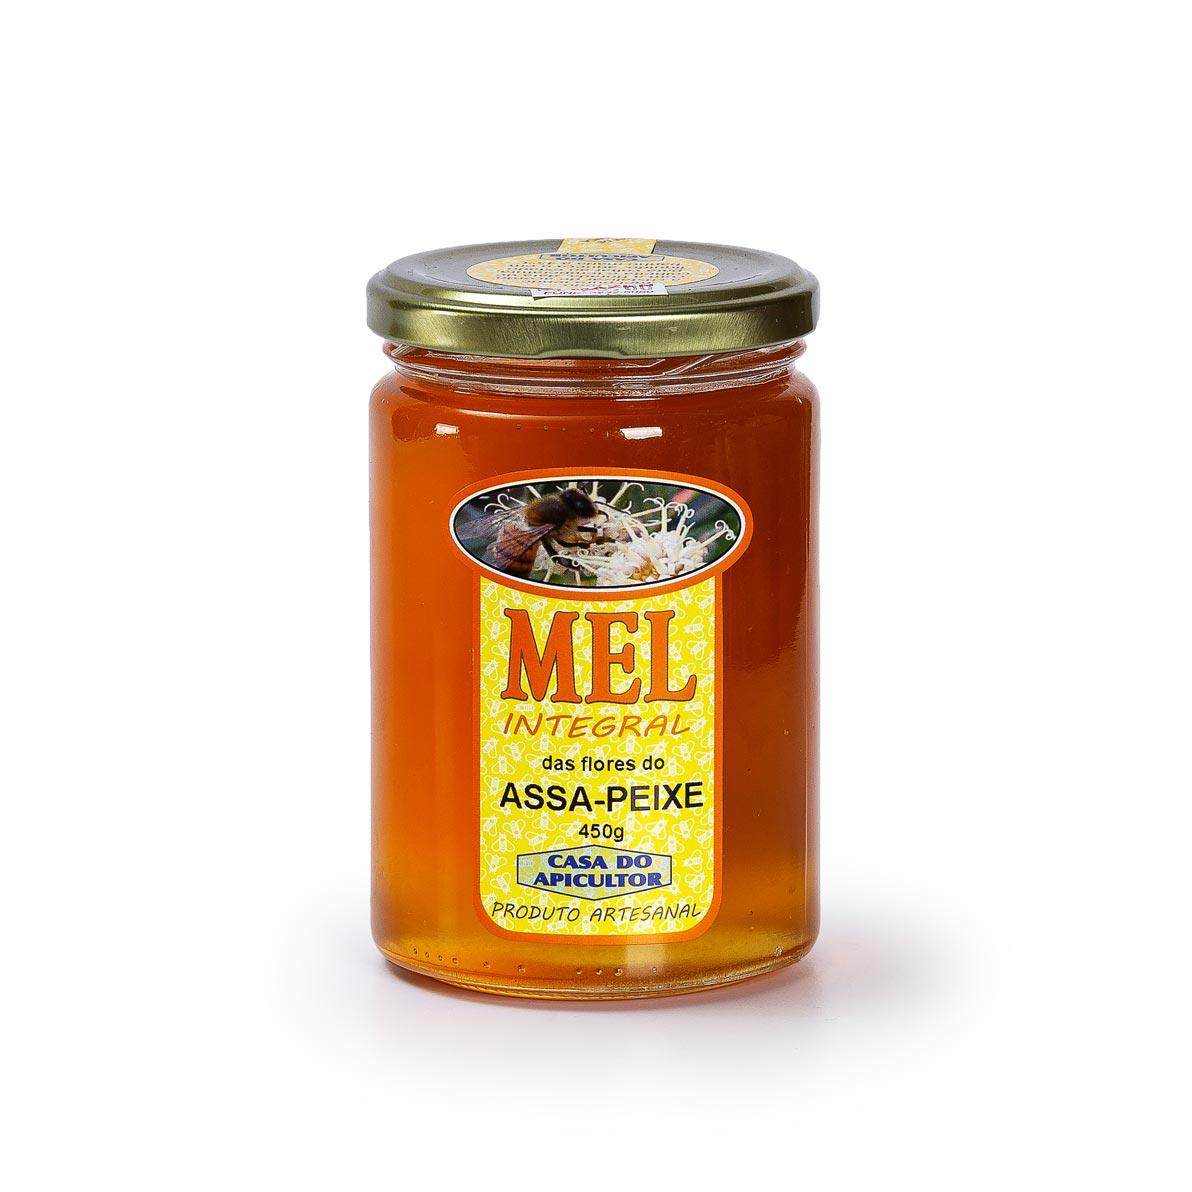 Mel Assa-peixe 450g artesanal -  Casa do Apicultor